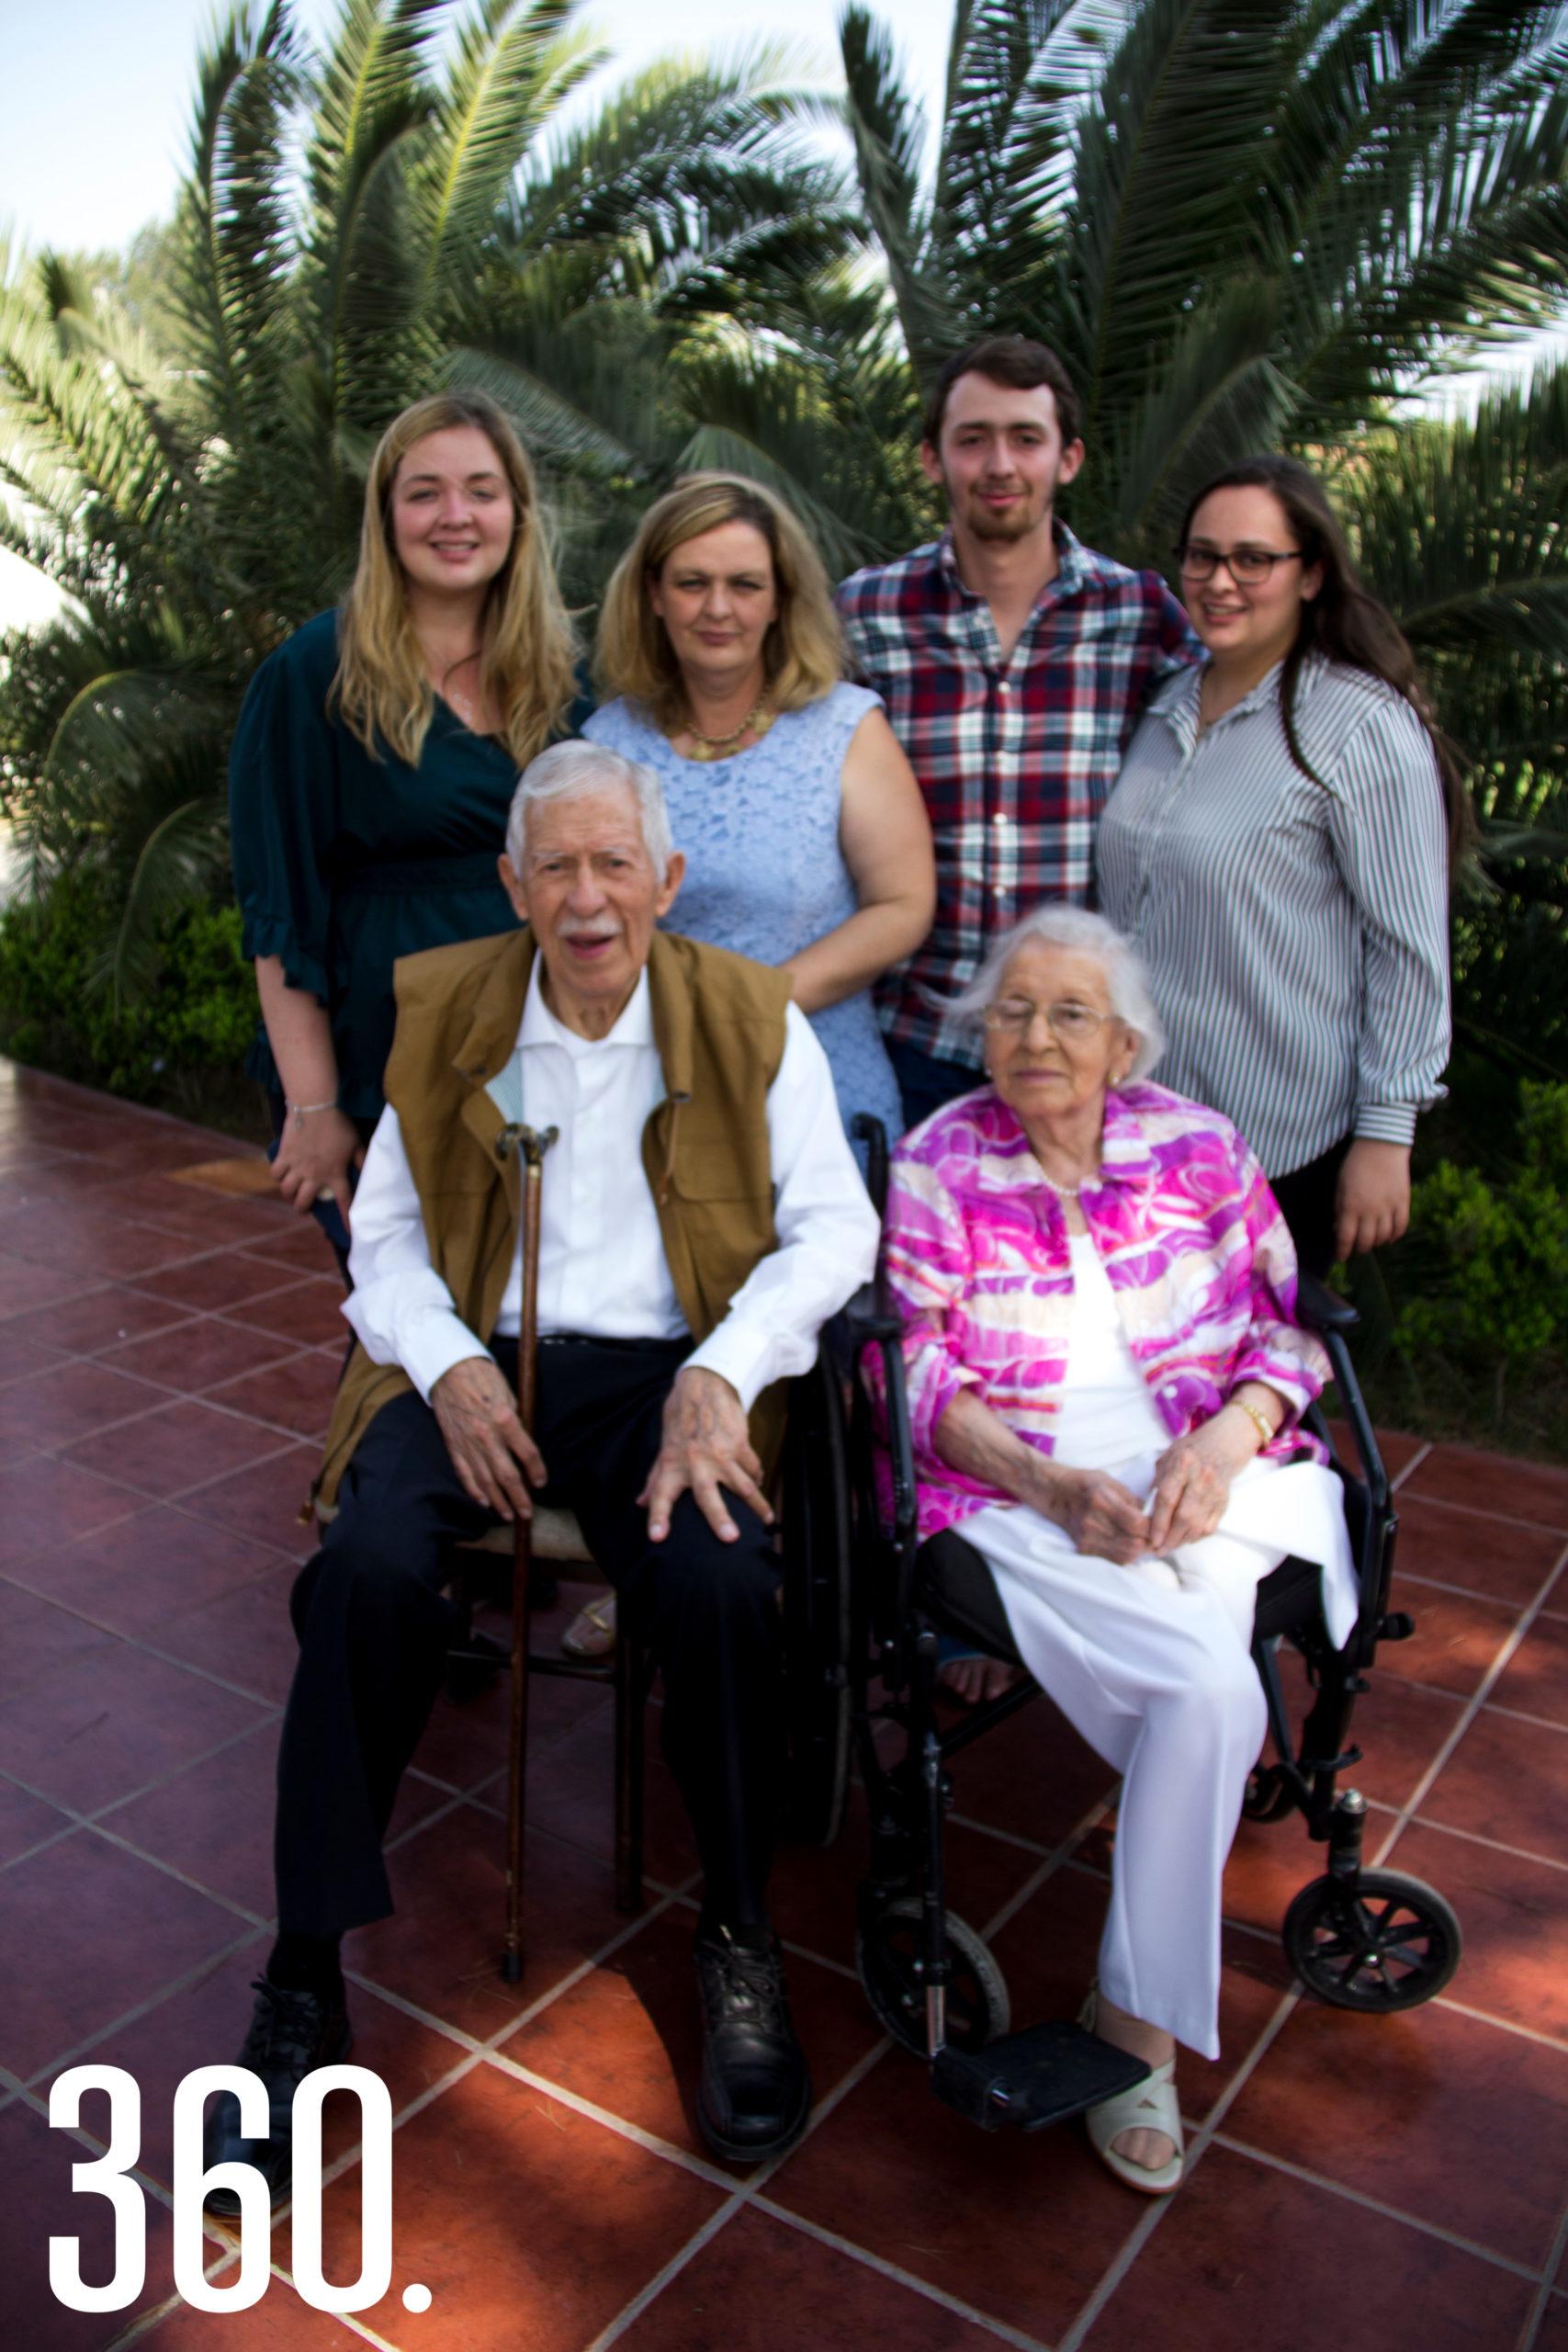 El festejado acompañado por su hermana Lilia Mendoza, su hija Carla Berrueto; y sus nietos Carla, Mariana y Poncho Verduzco Mendoza.